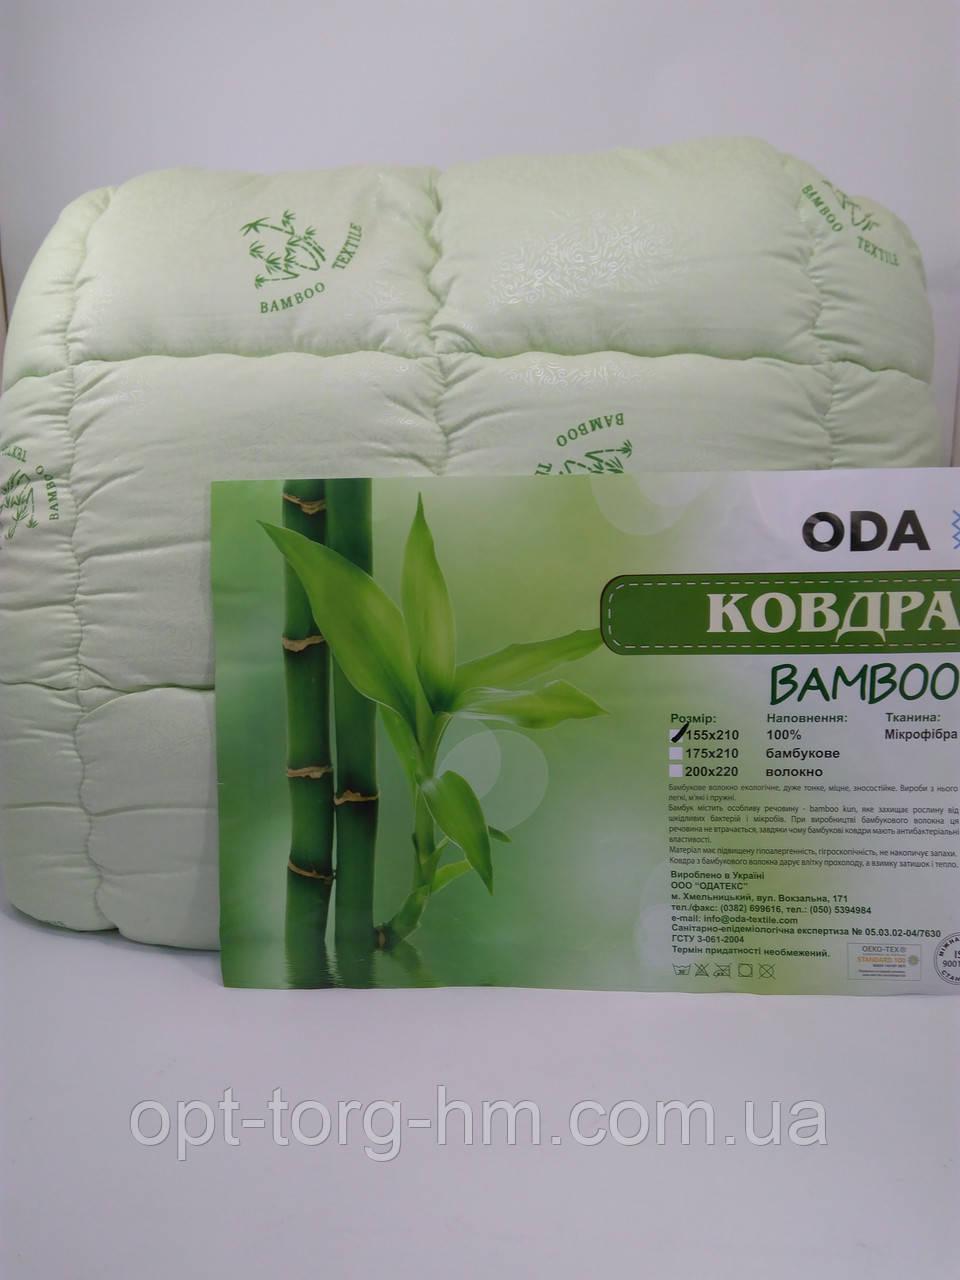 Одеяло Bamboo 175*215 ОДА (микрофибра)